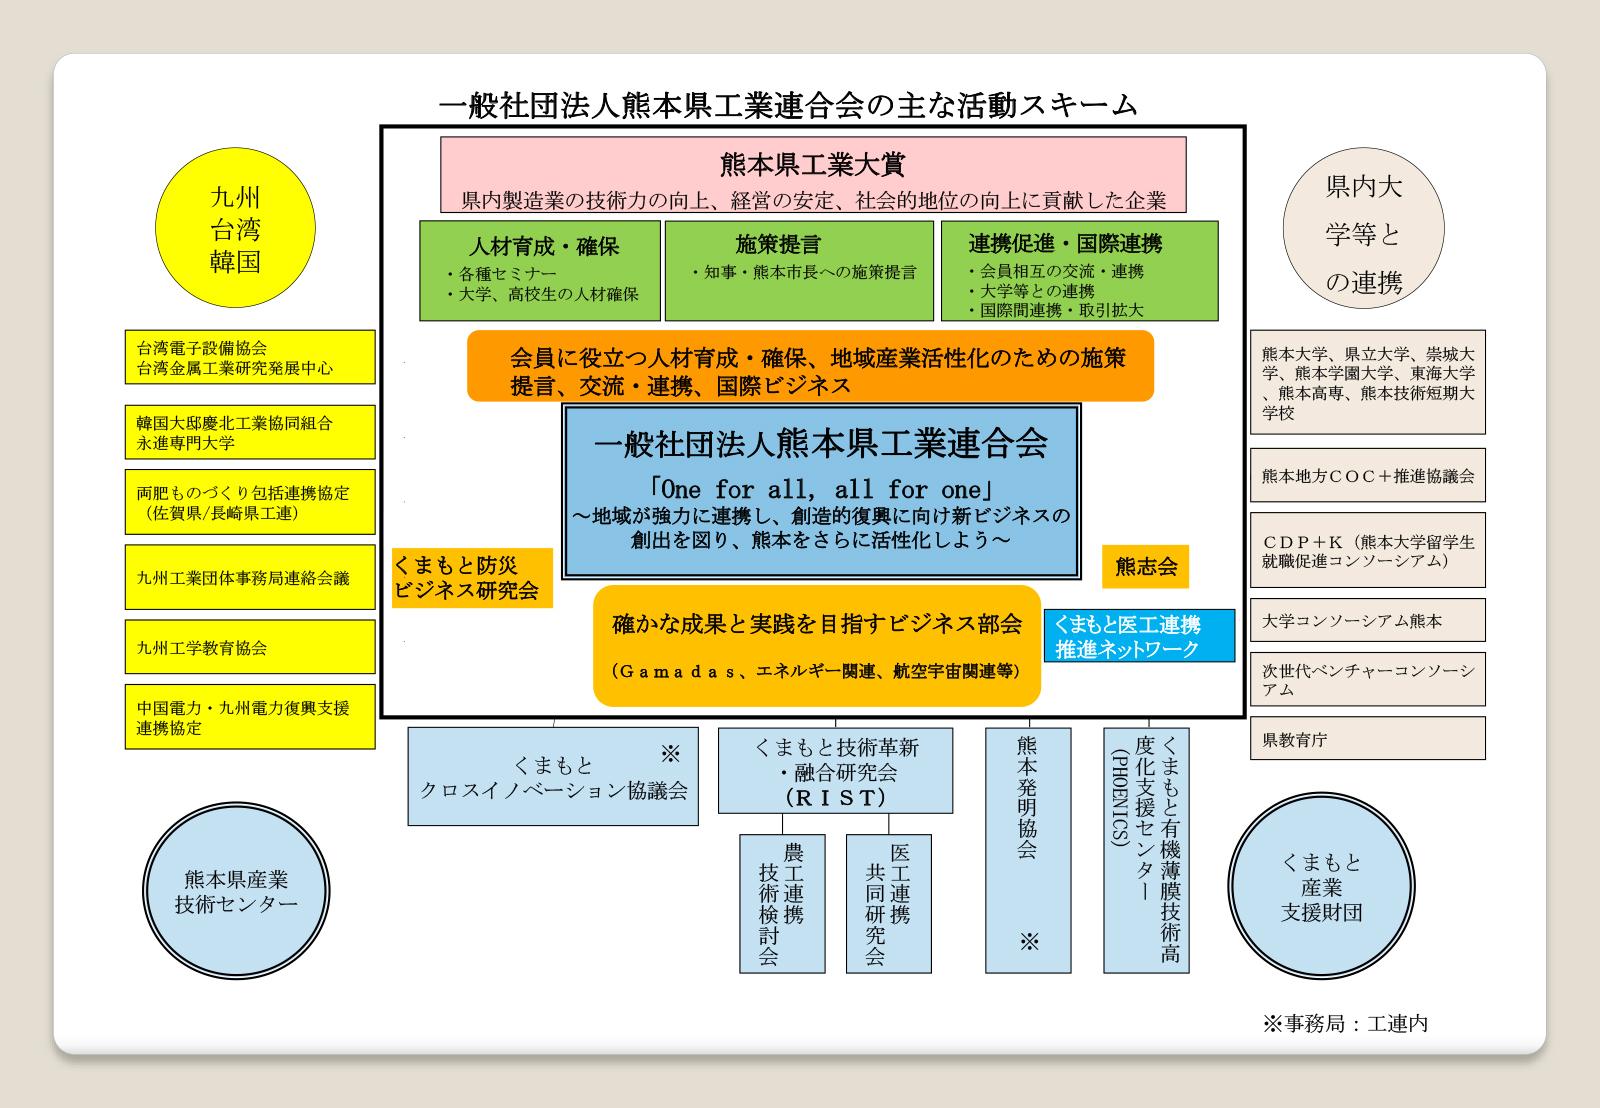 一般社団法人熊本県工業連合会の活動スキーム(R3年度)